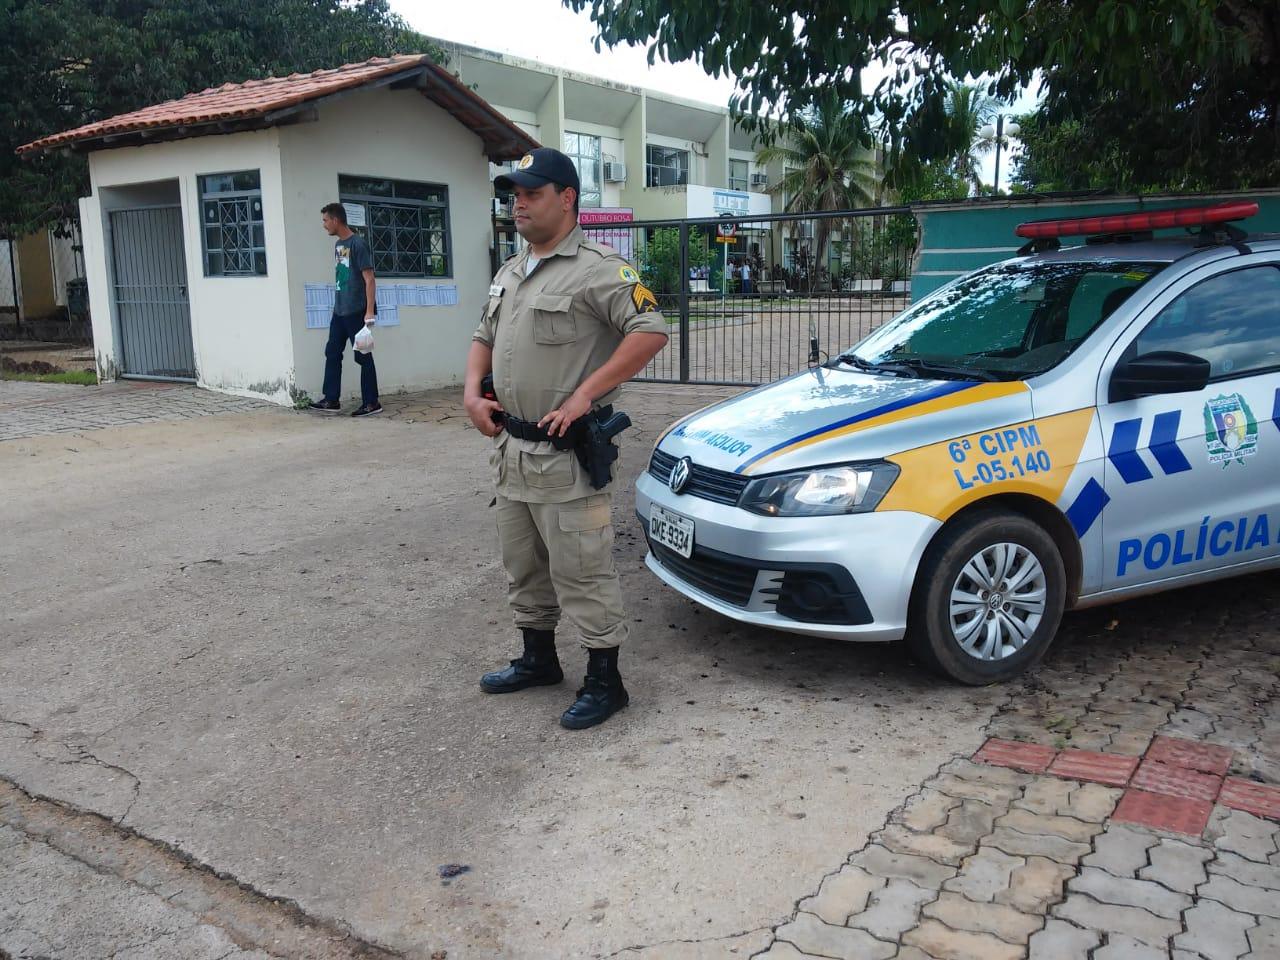 Polícia Militar divulga balanço do Policiamento do ENEM em Miracema